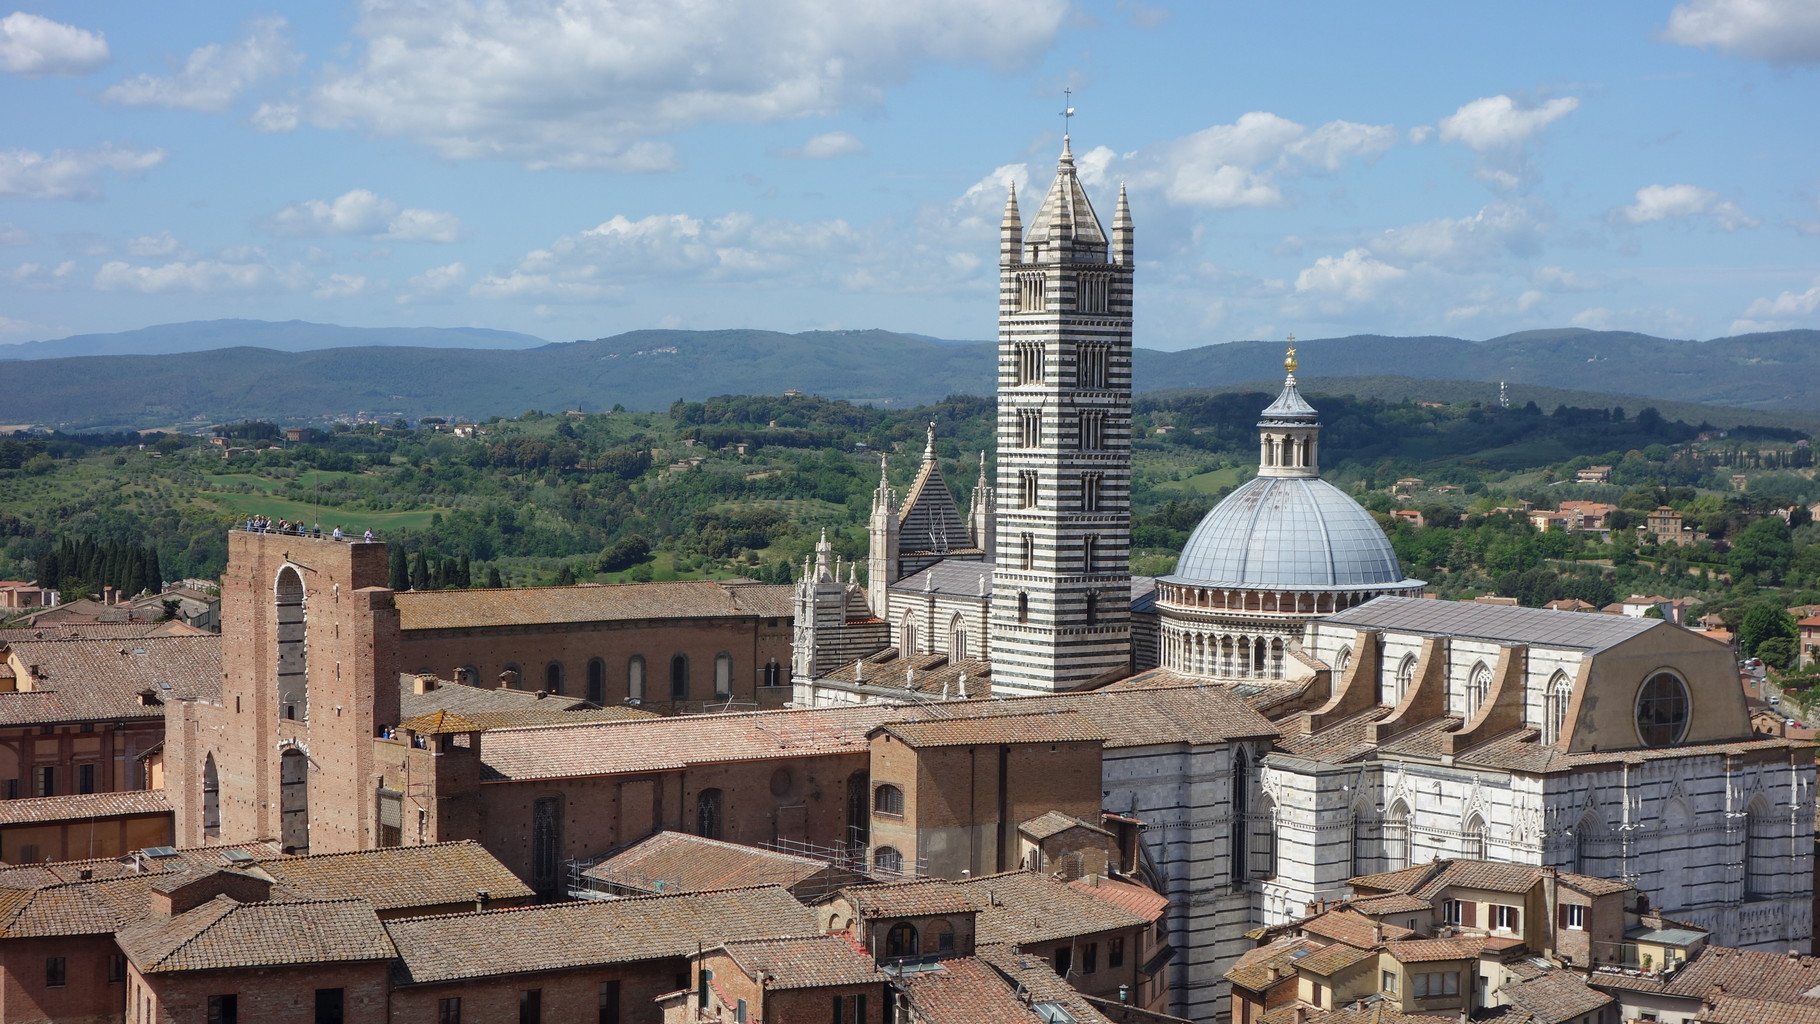 Dom von Siena, vom höchsten Turm (Torre di Mangia) aus gesehen